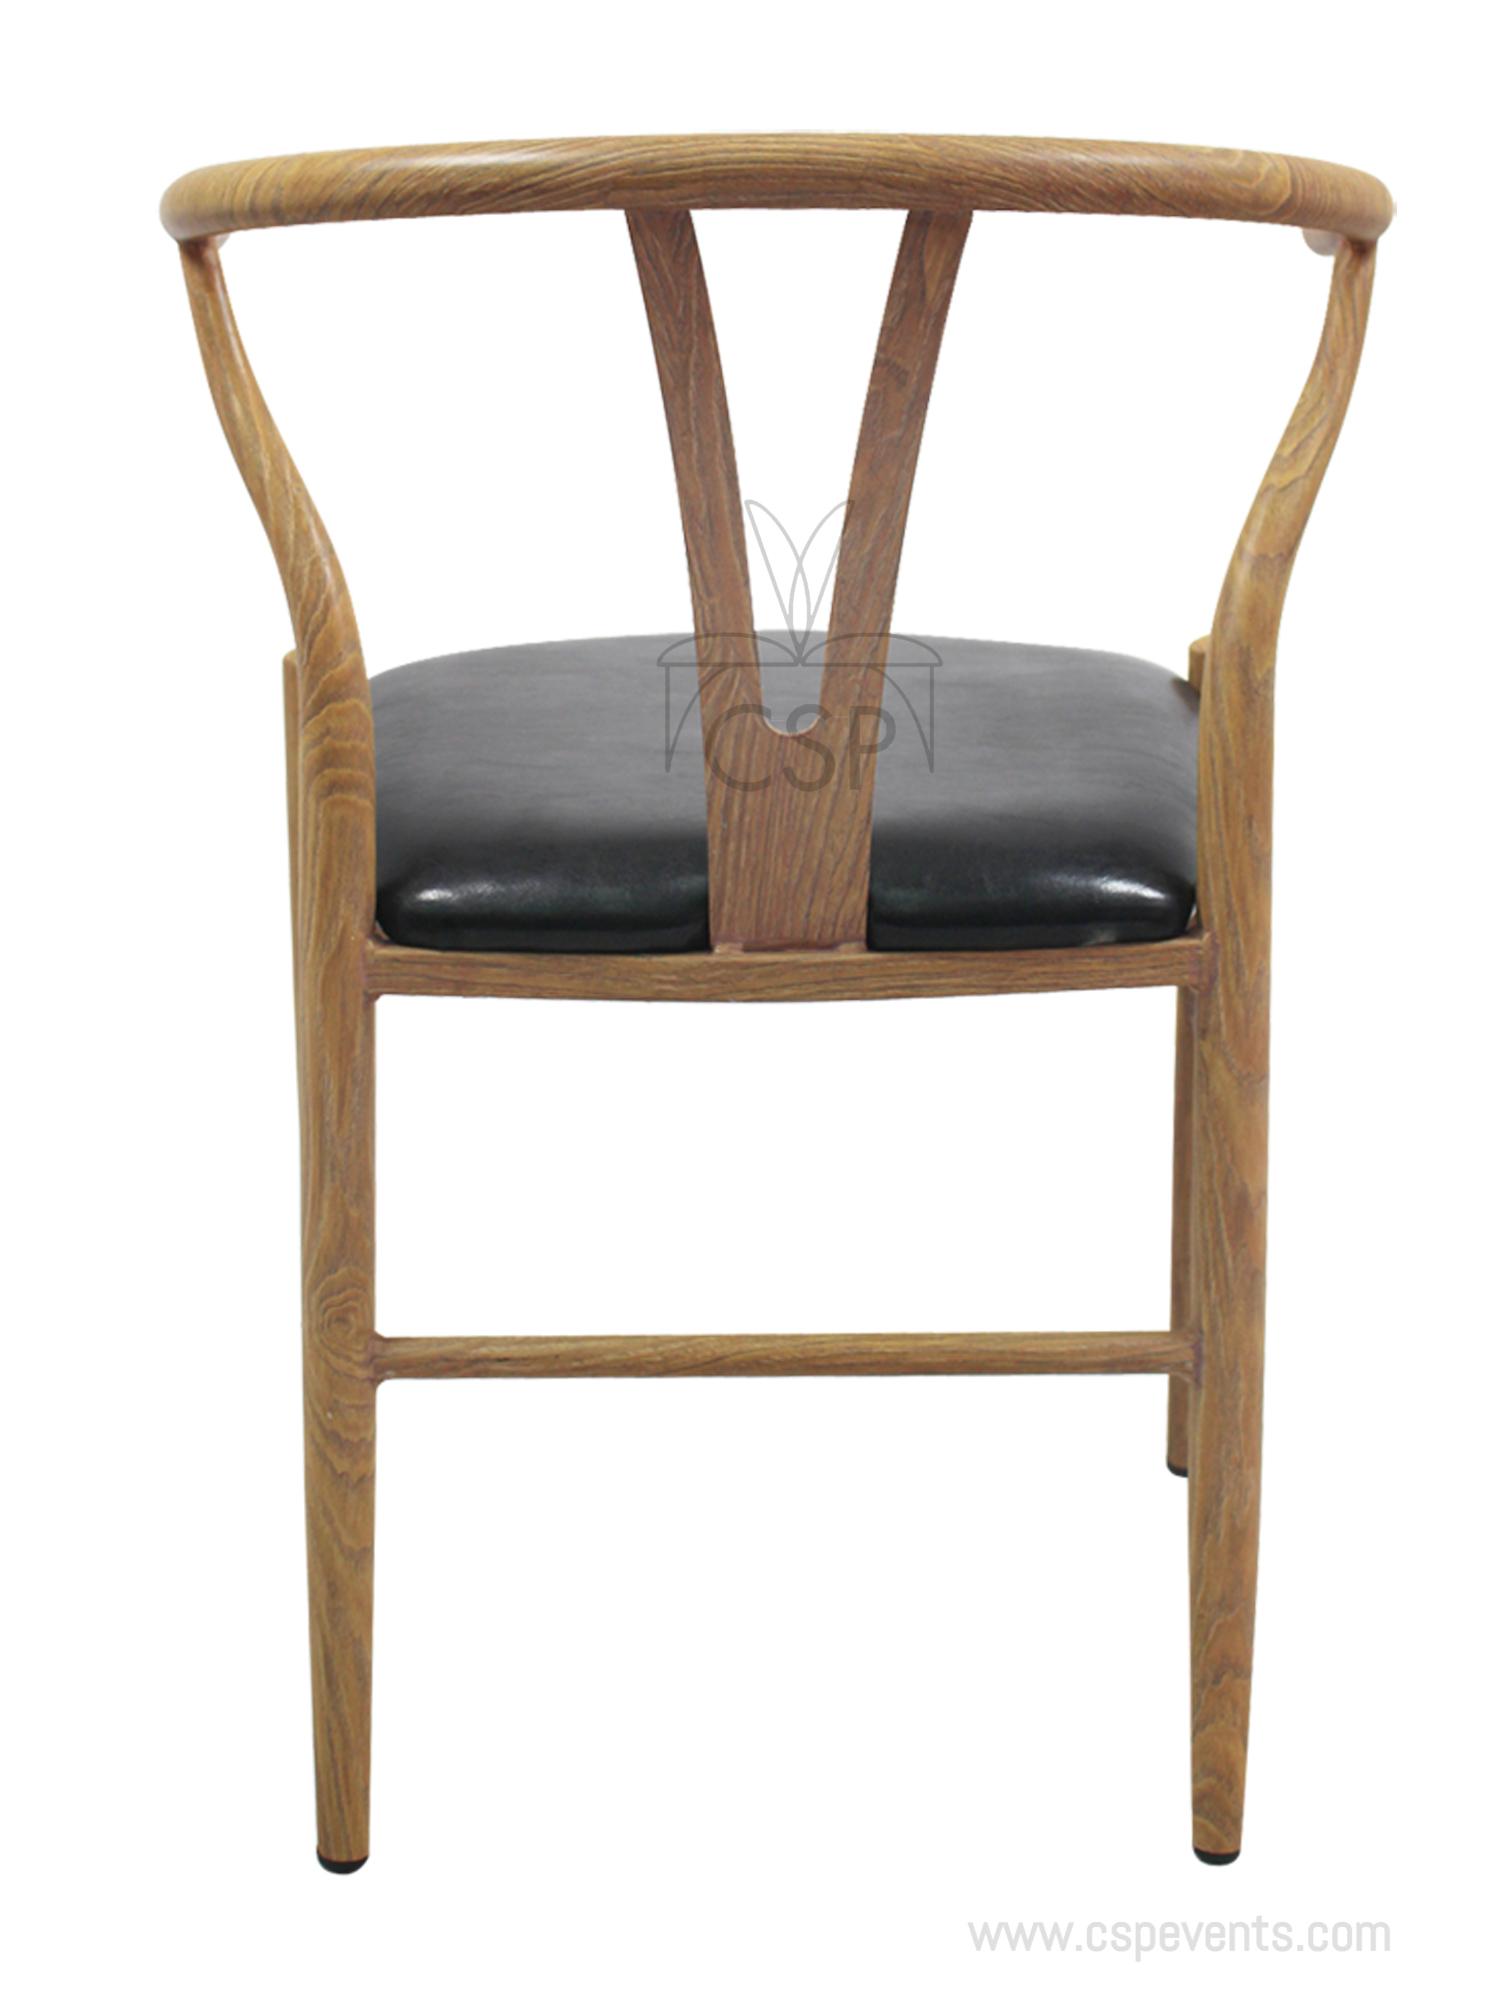 Alex Mid Century Modern Steel Dining Chairs Csp